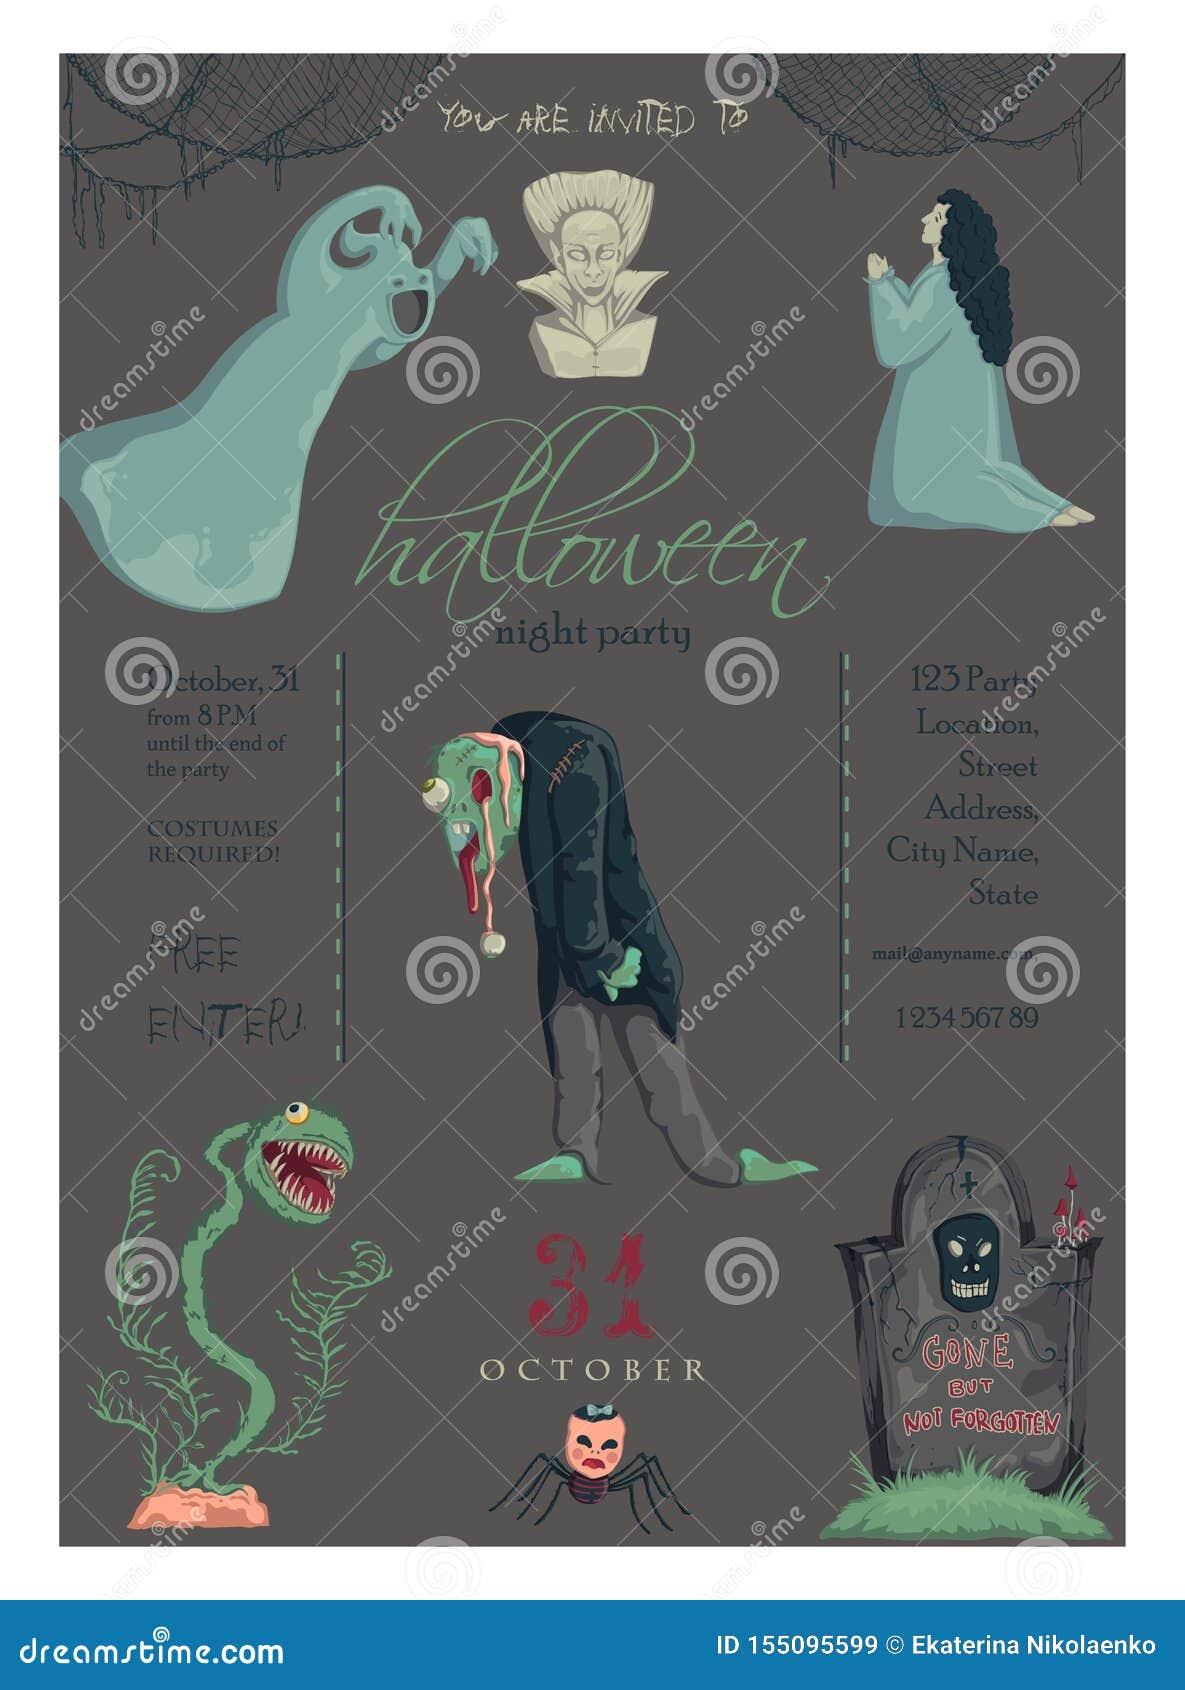 万圣节晚会邀请令人毛骨悚然的角色和装饰贺卡 壁纸 海报 传单的设计